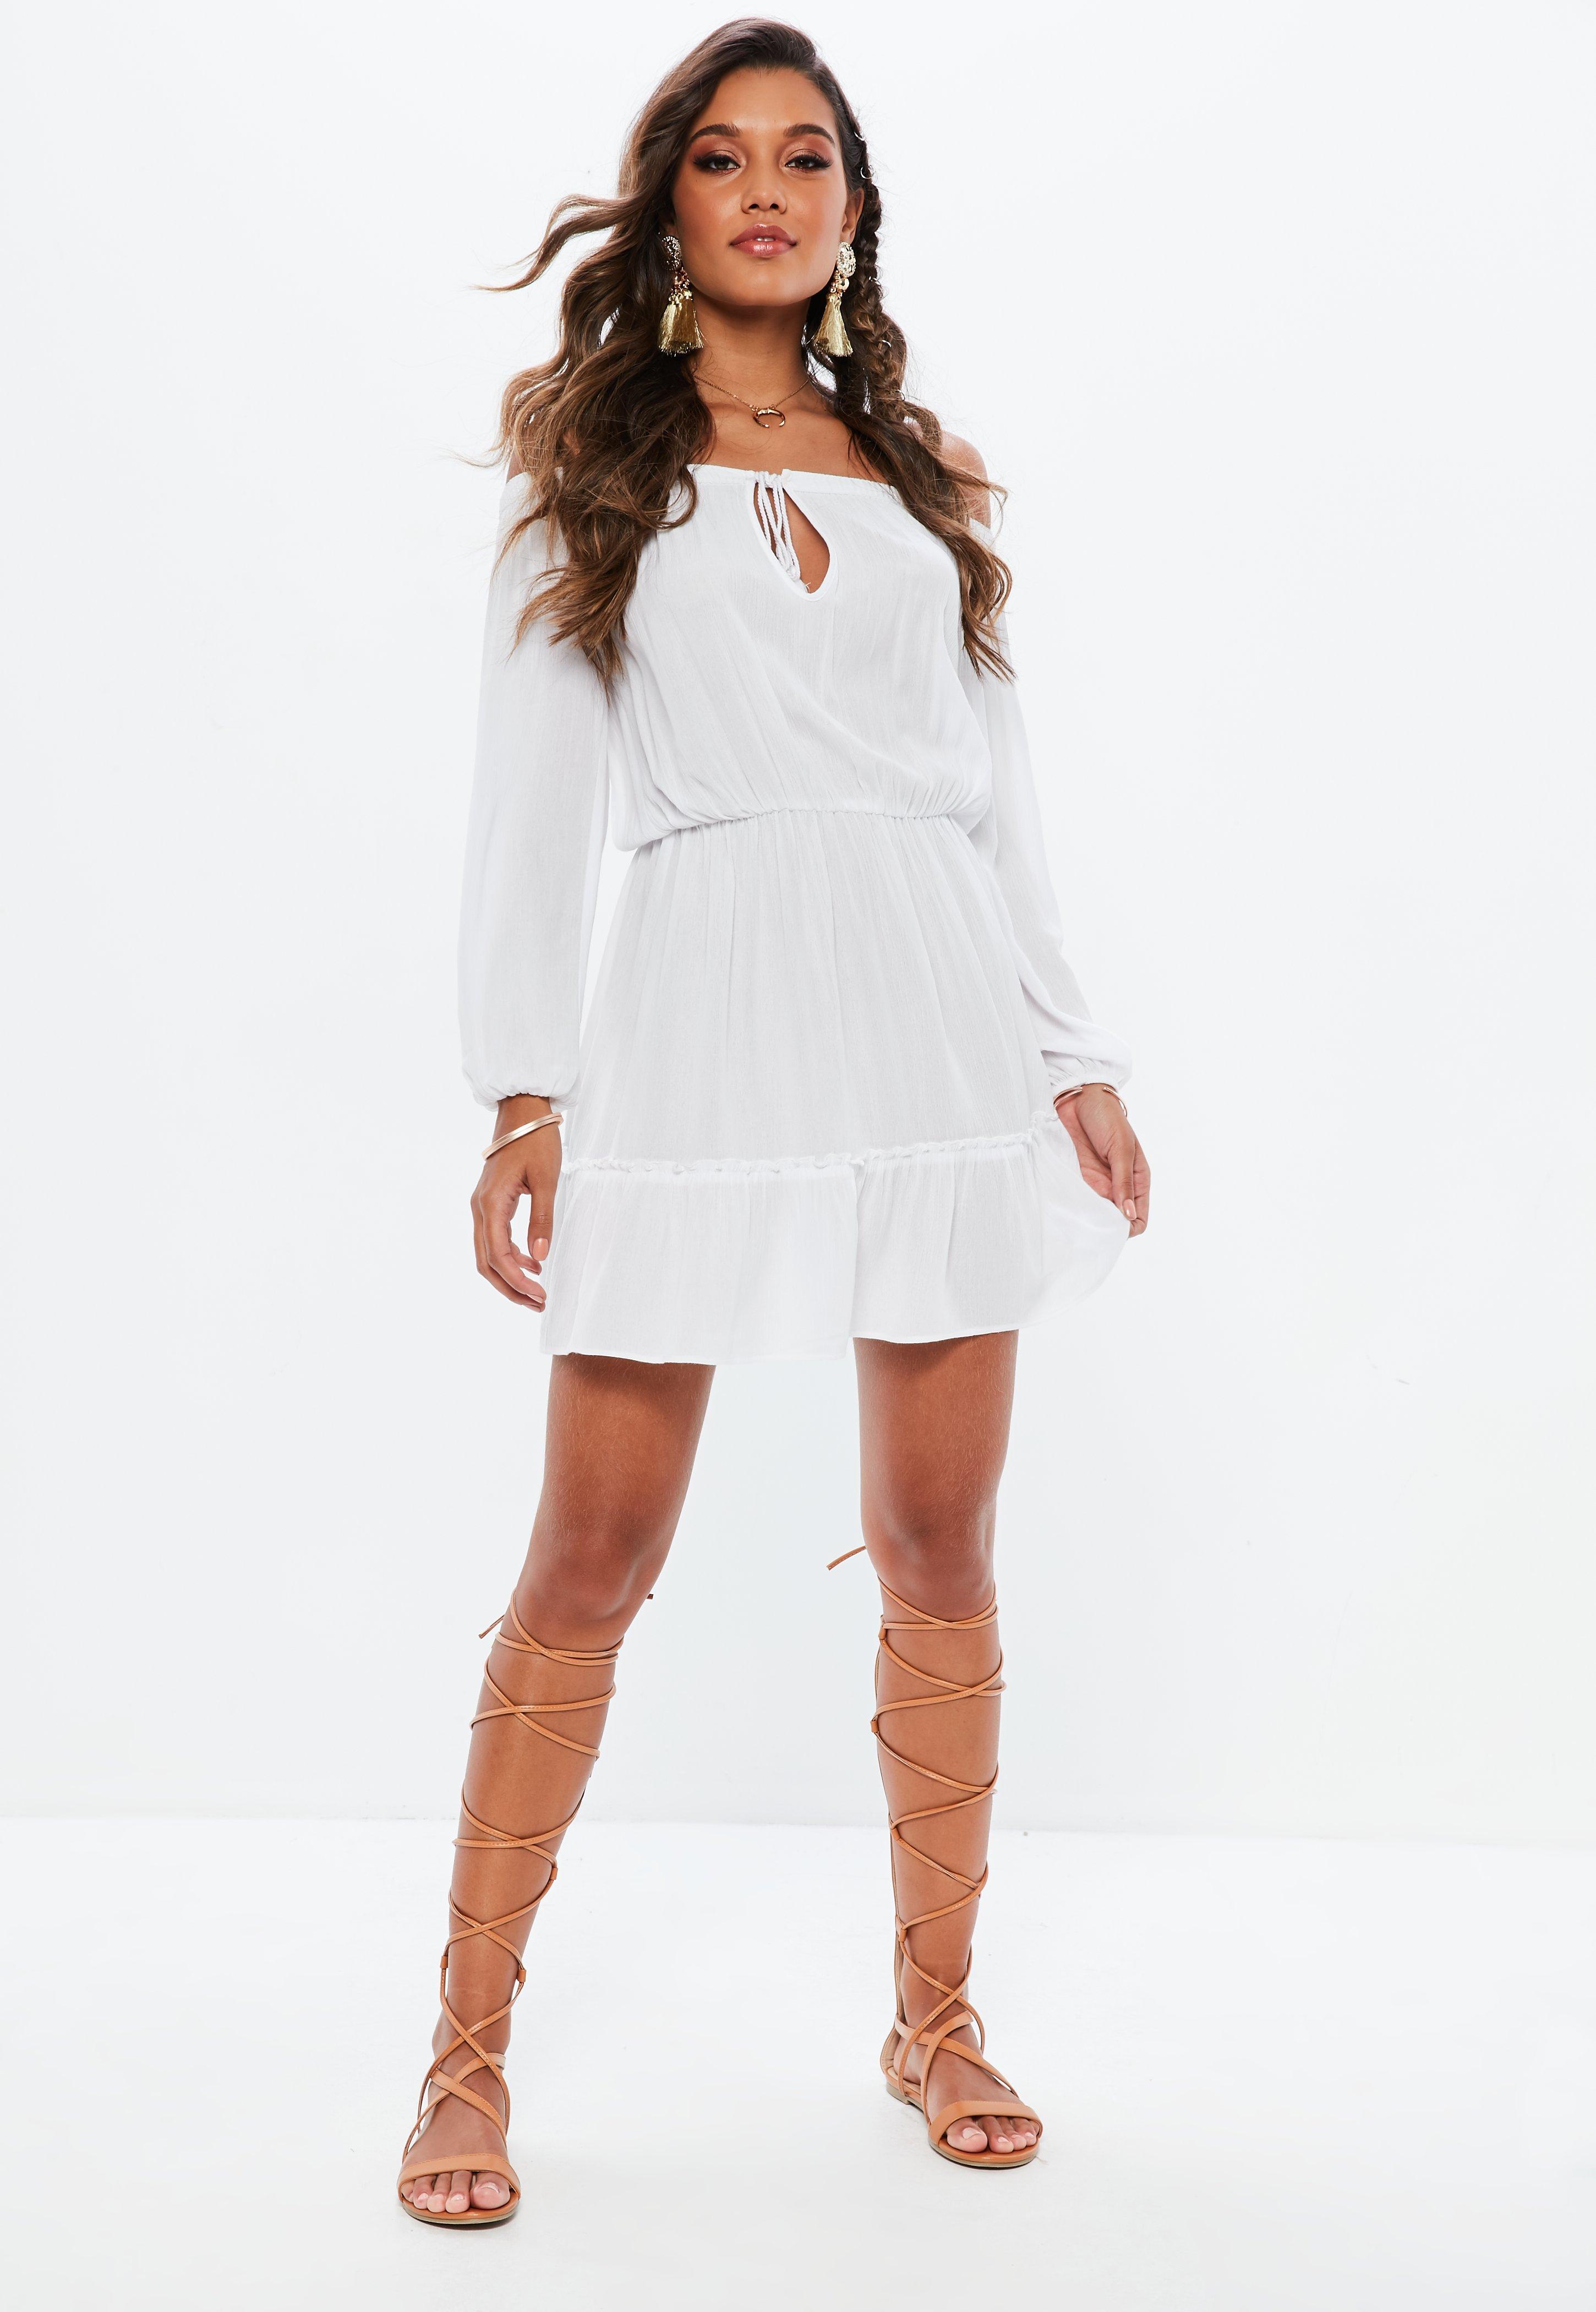 54199c8d6d Missguided - Petite White Bardot Tassel Skater Dress - Lyst. View fullscreen